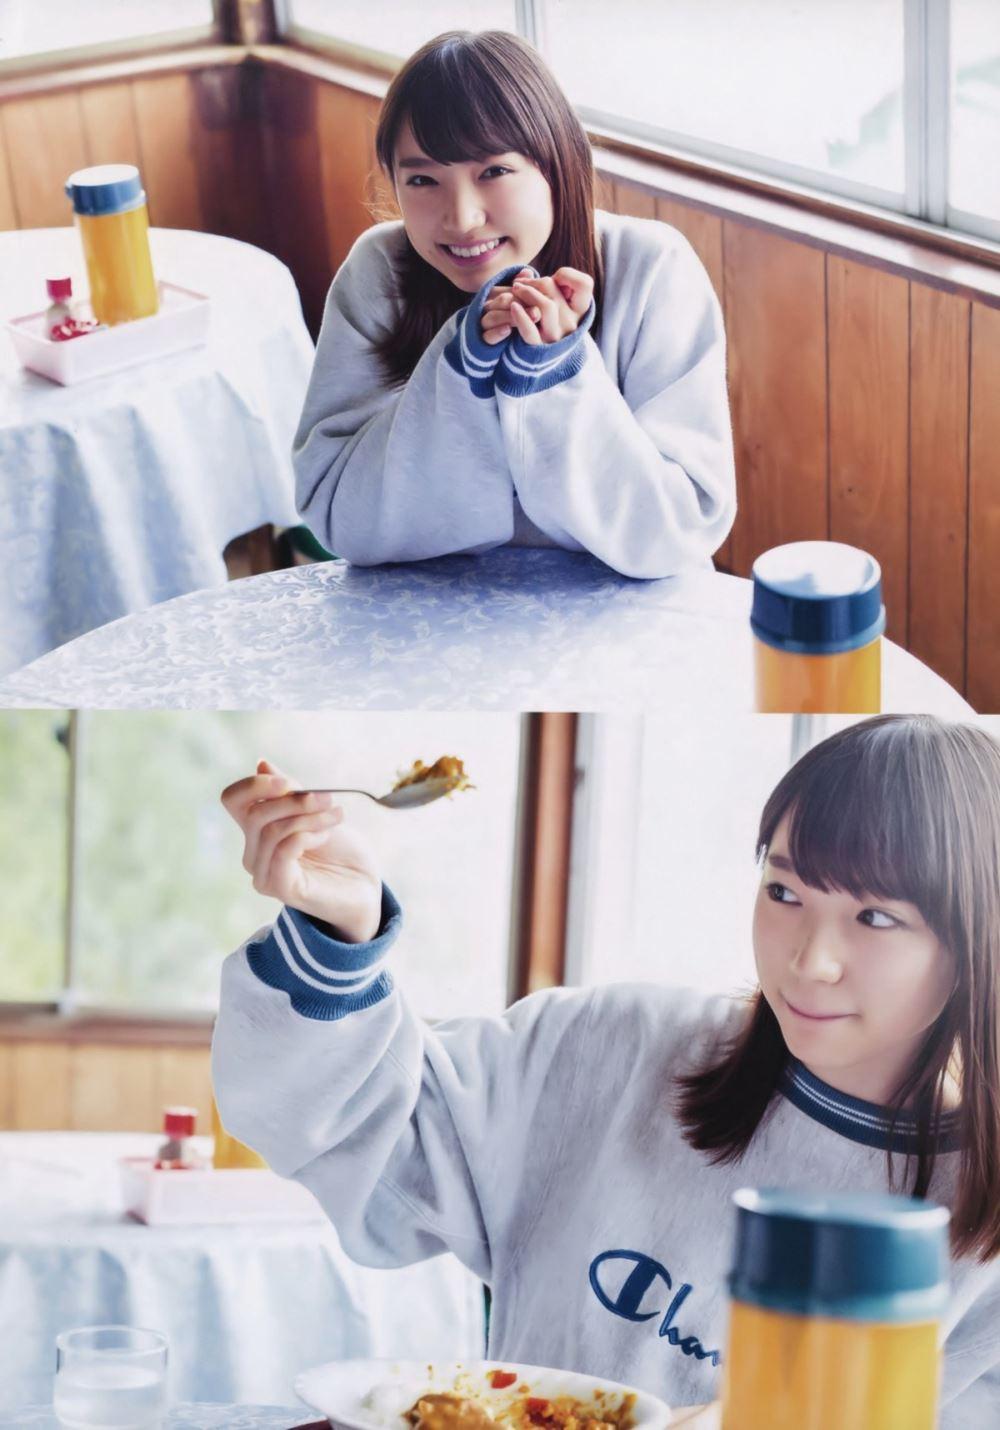 太田夢莉 1万年に1人 可愛い アイドル 水着 画像 32